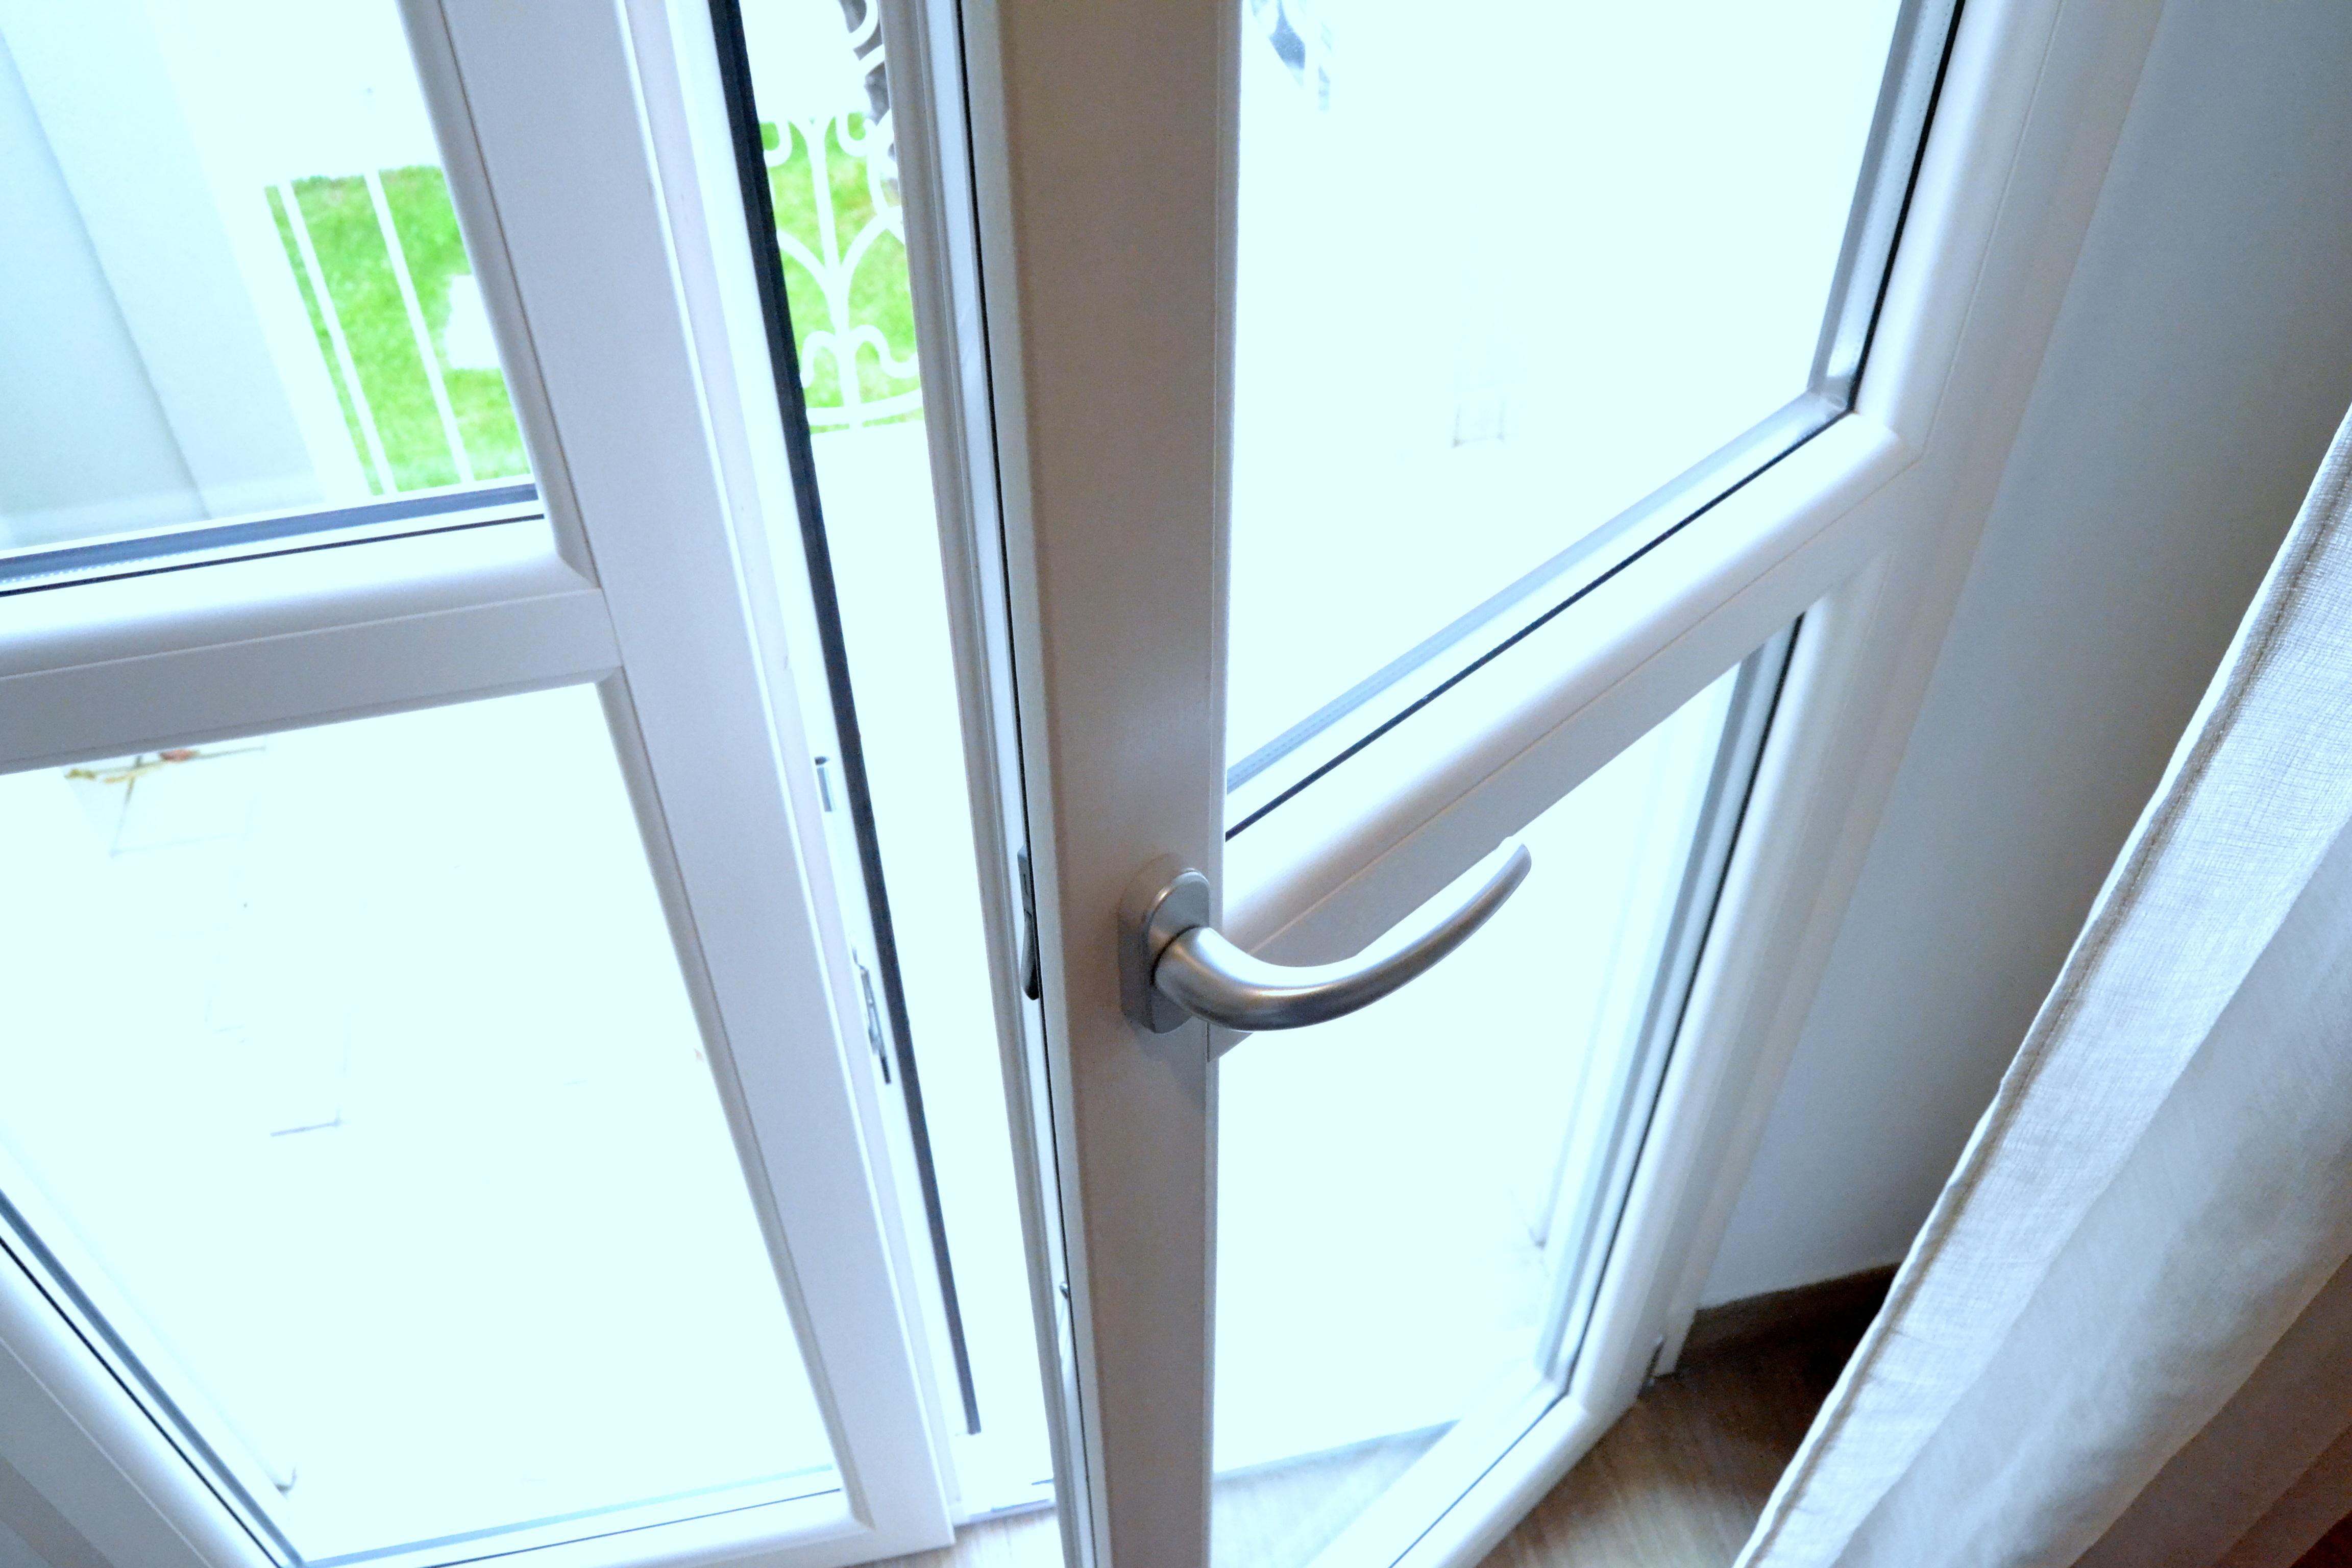 Finestre pvc produzione e vendita di infissi e finestre for Vendita finestre pvc